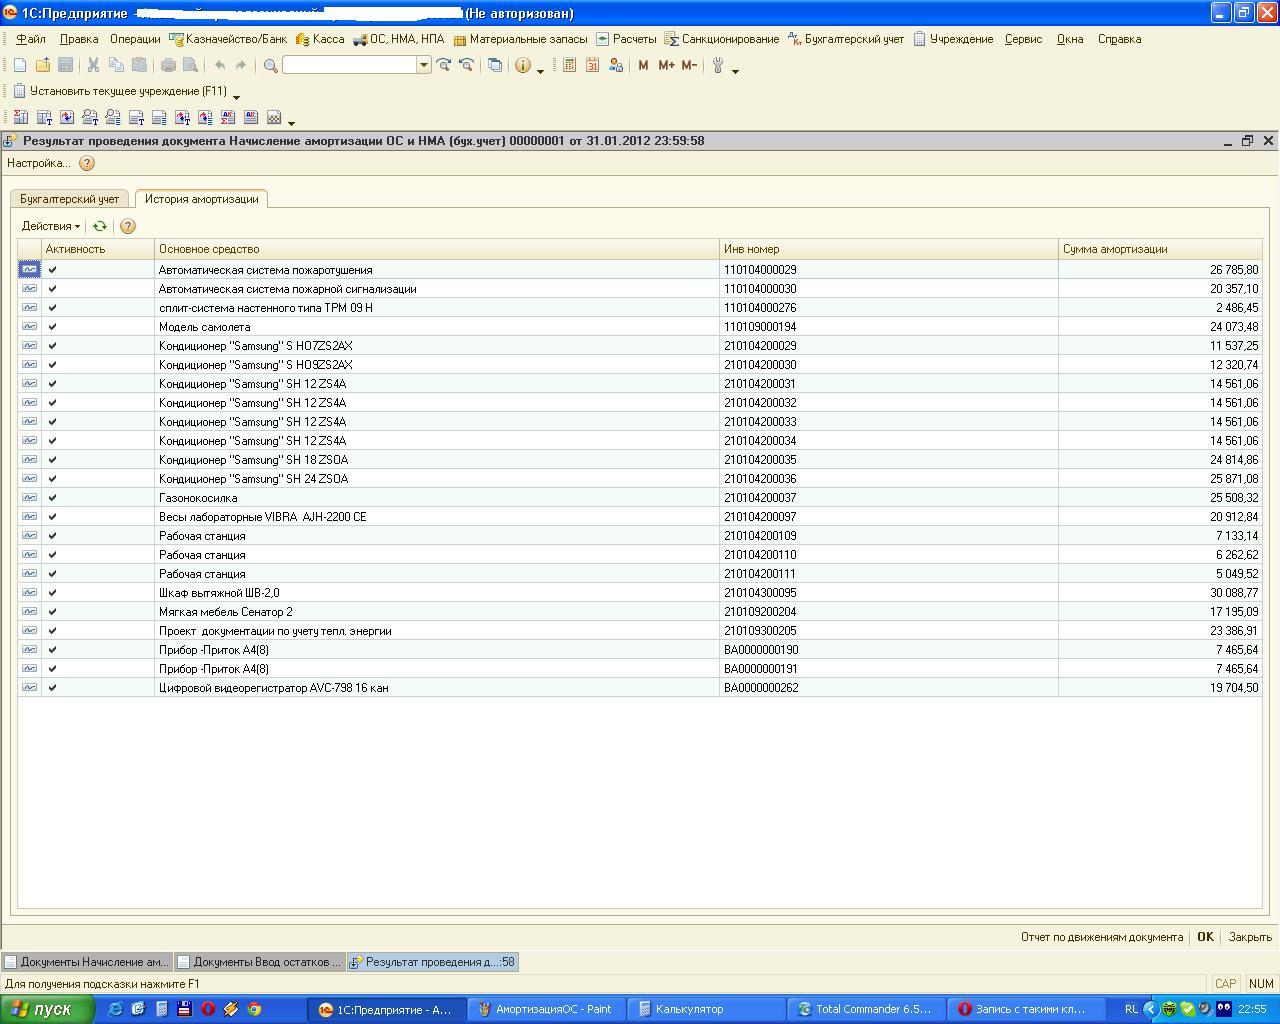 Регистр сведений: расчет себестоимости продукции(запись с такими)